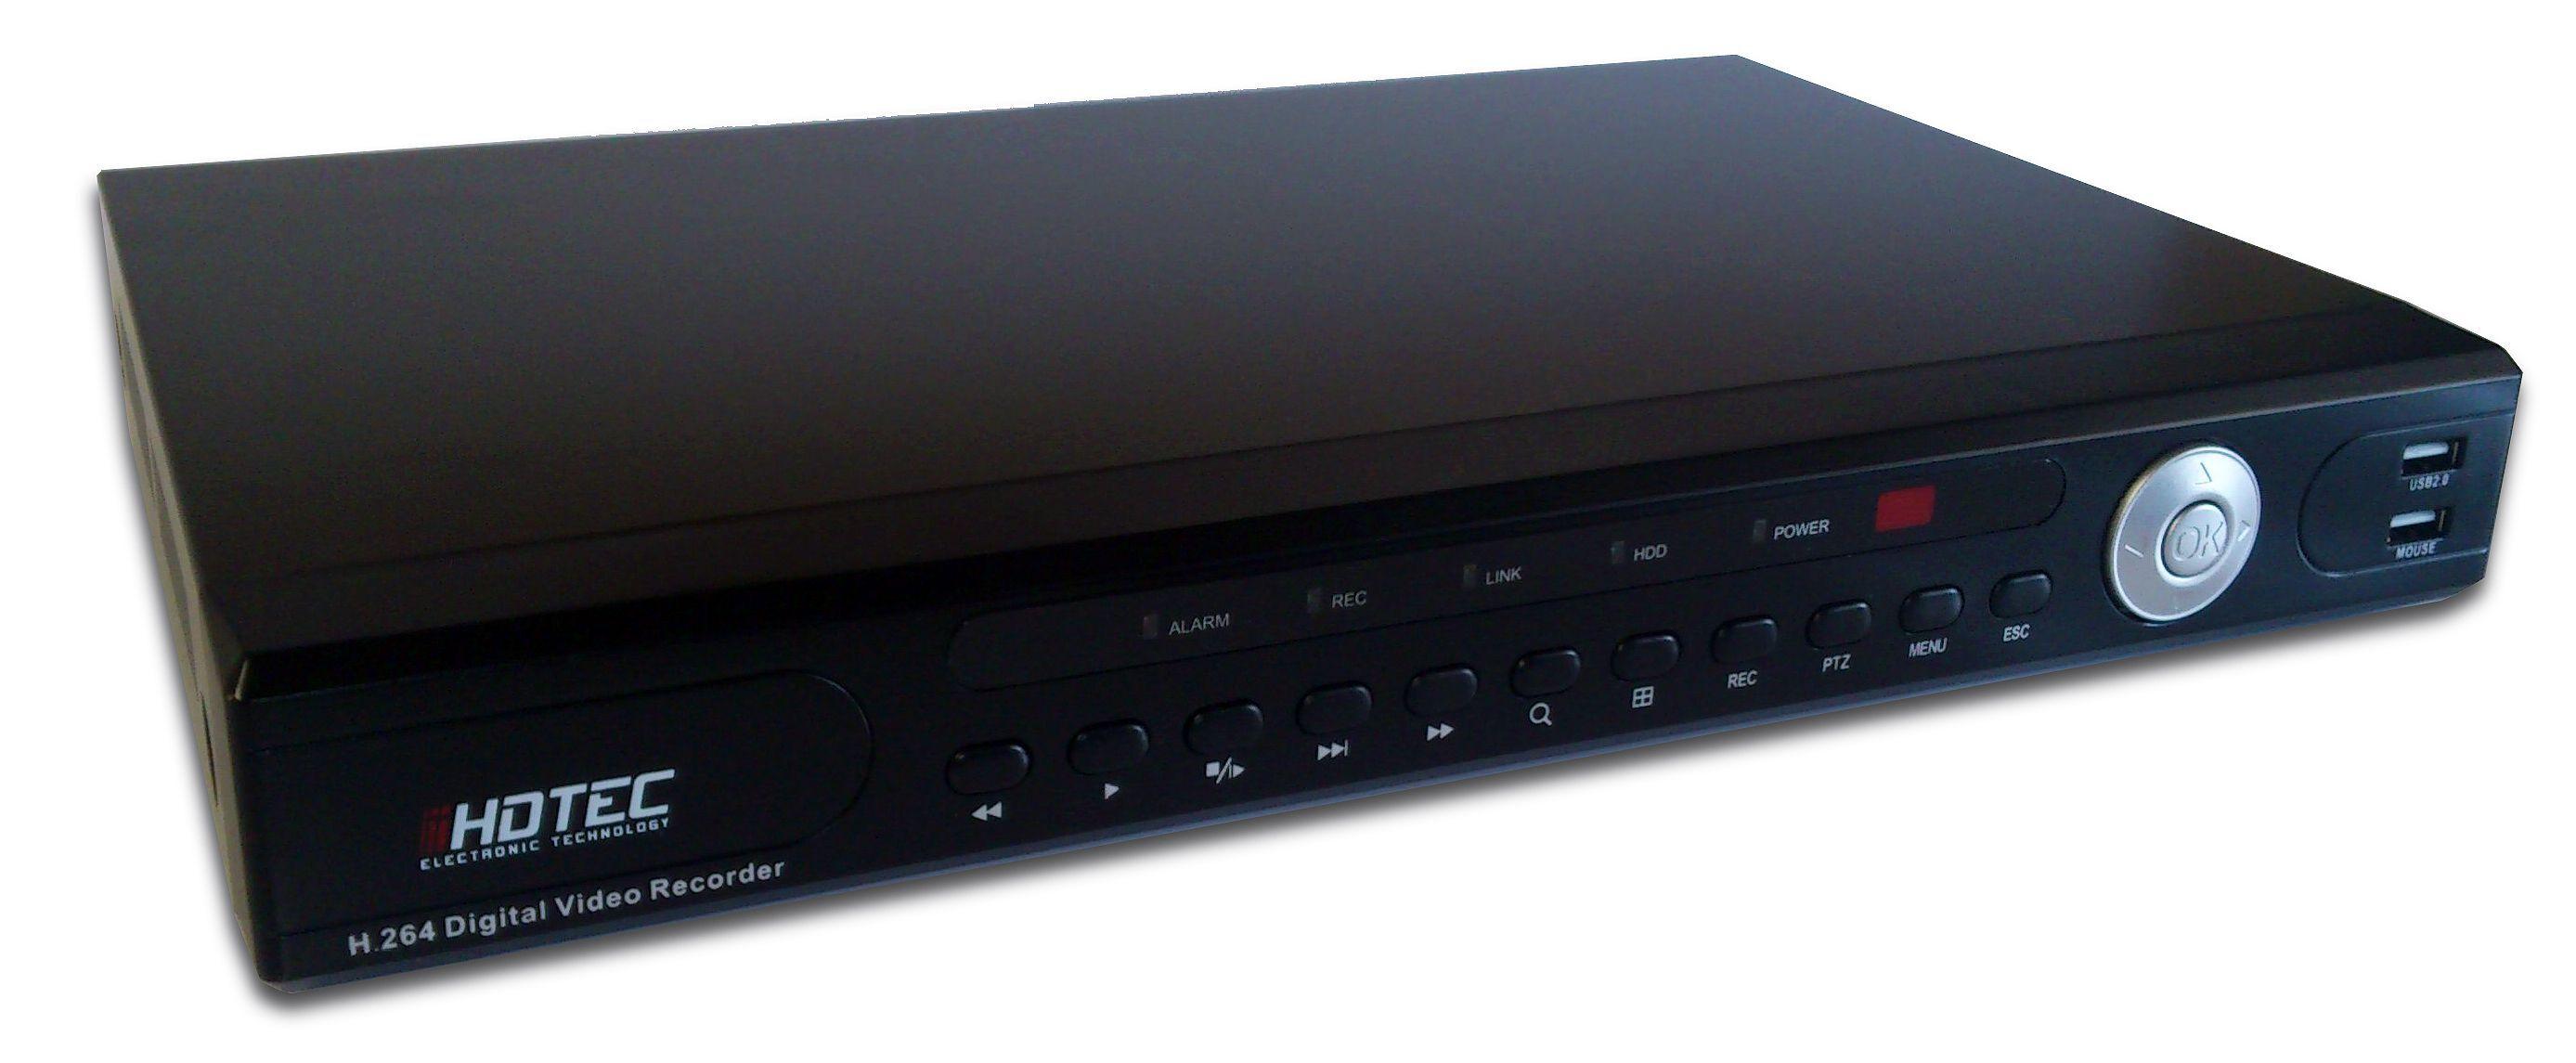 HDTS904U 4ch DVR H264 D1/100fp